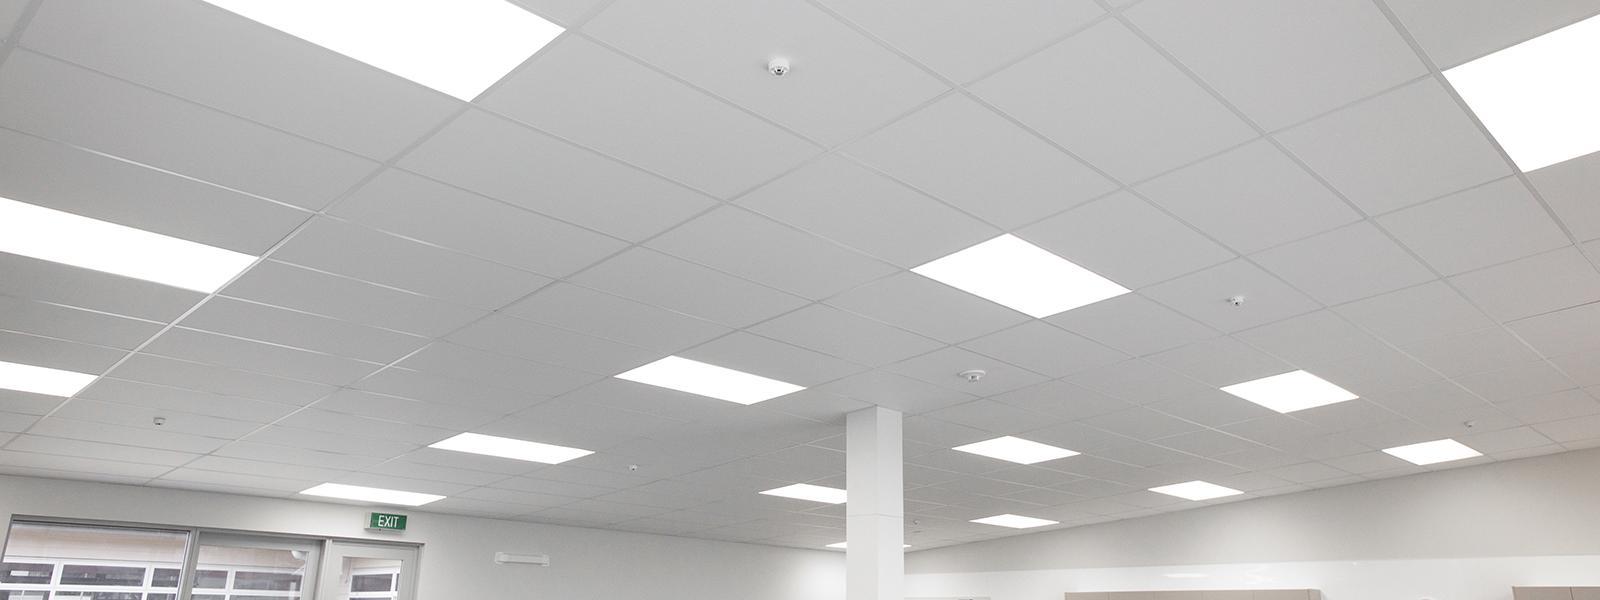 100 commercial ceiling tiles acoustic ceiling tiles home ceiling tiles best commercial commercial u2014 structure doublecrazyfo Choice Image